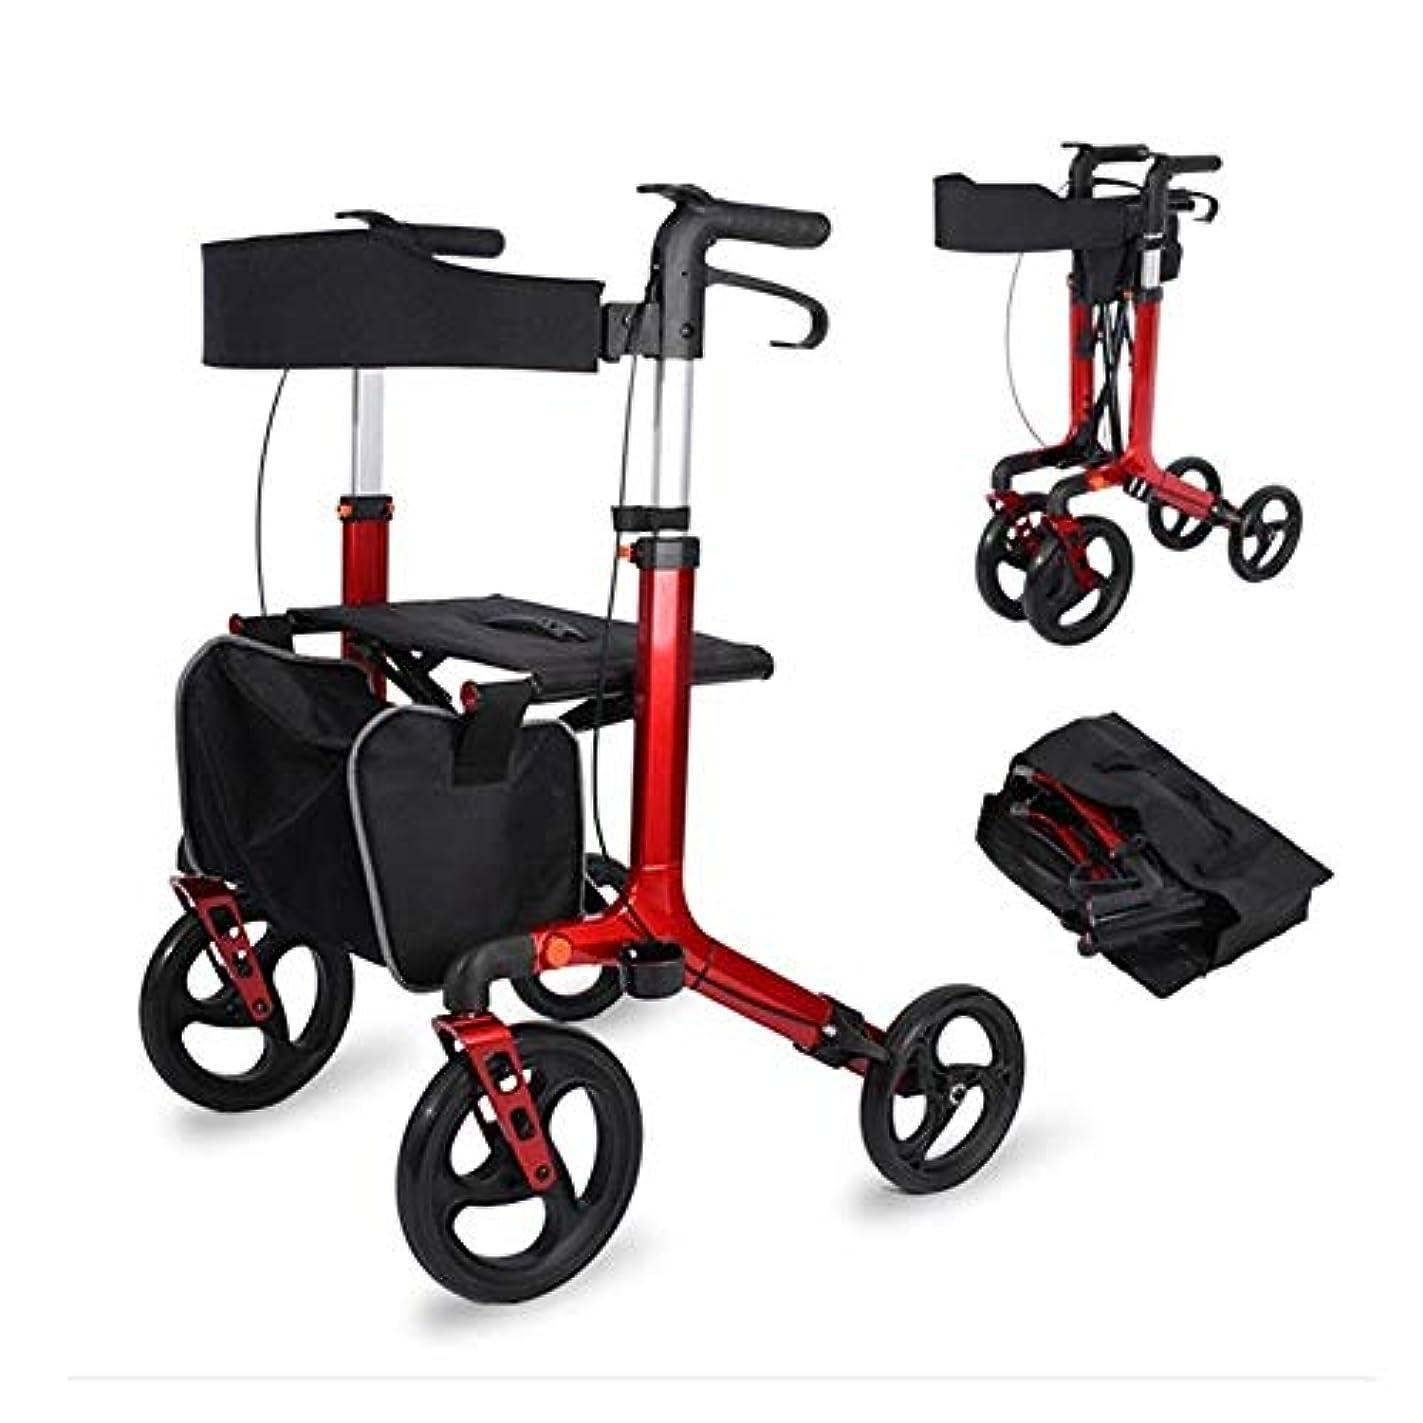 識別する楽観一緒折りたたみ式歩行器、調節可能な高さ4ホイールショッピングトロリーレストシートと収納袋デュアルブレーキウォーキングフレーム